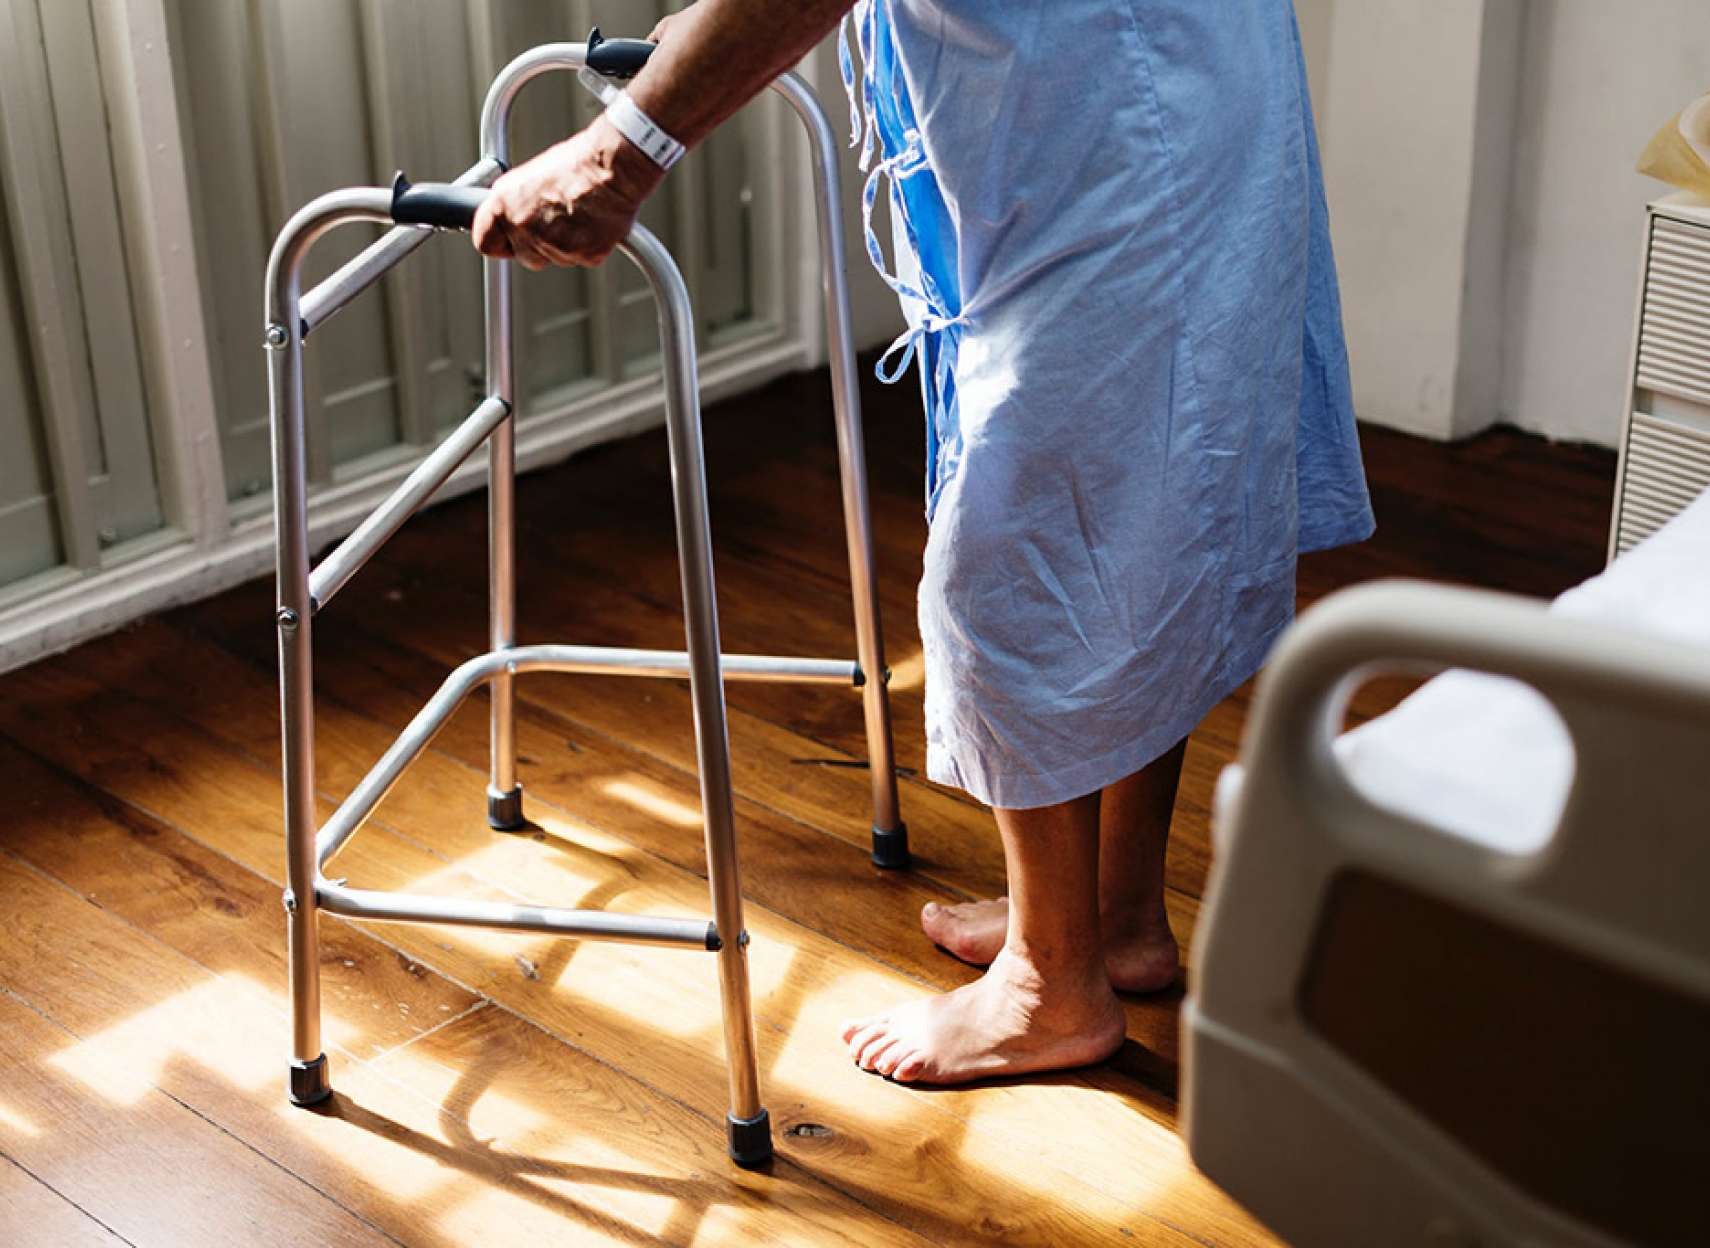 بیمه-رحیمیان-باور-هزینههای-دوران-بیماری